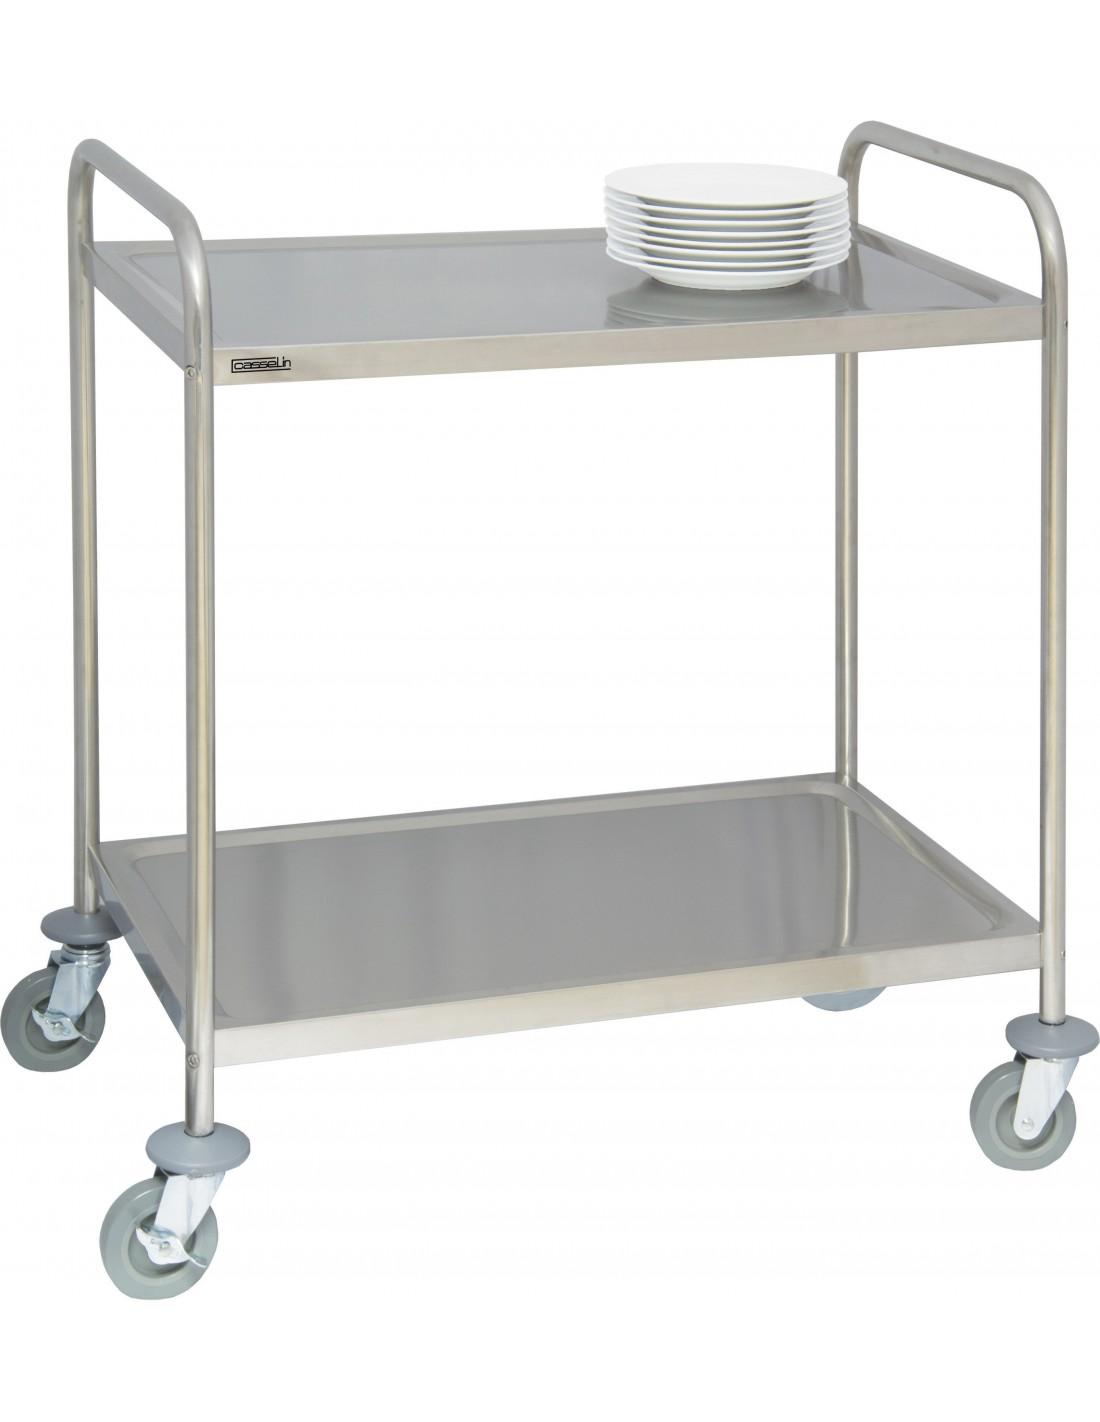 servante inox 2 plateaux casselin pour cuisine professionnelle. Black Bedroom Furniture Sets. Home Design Ideas